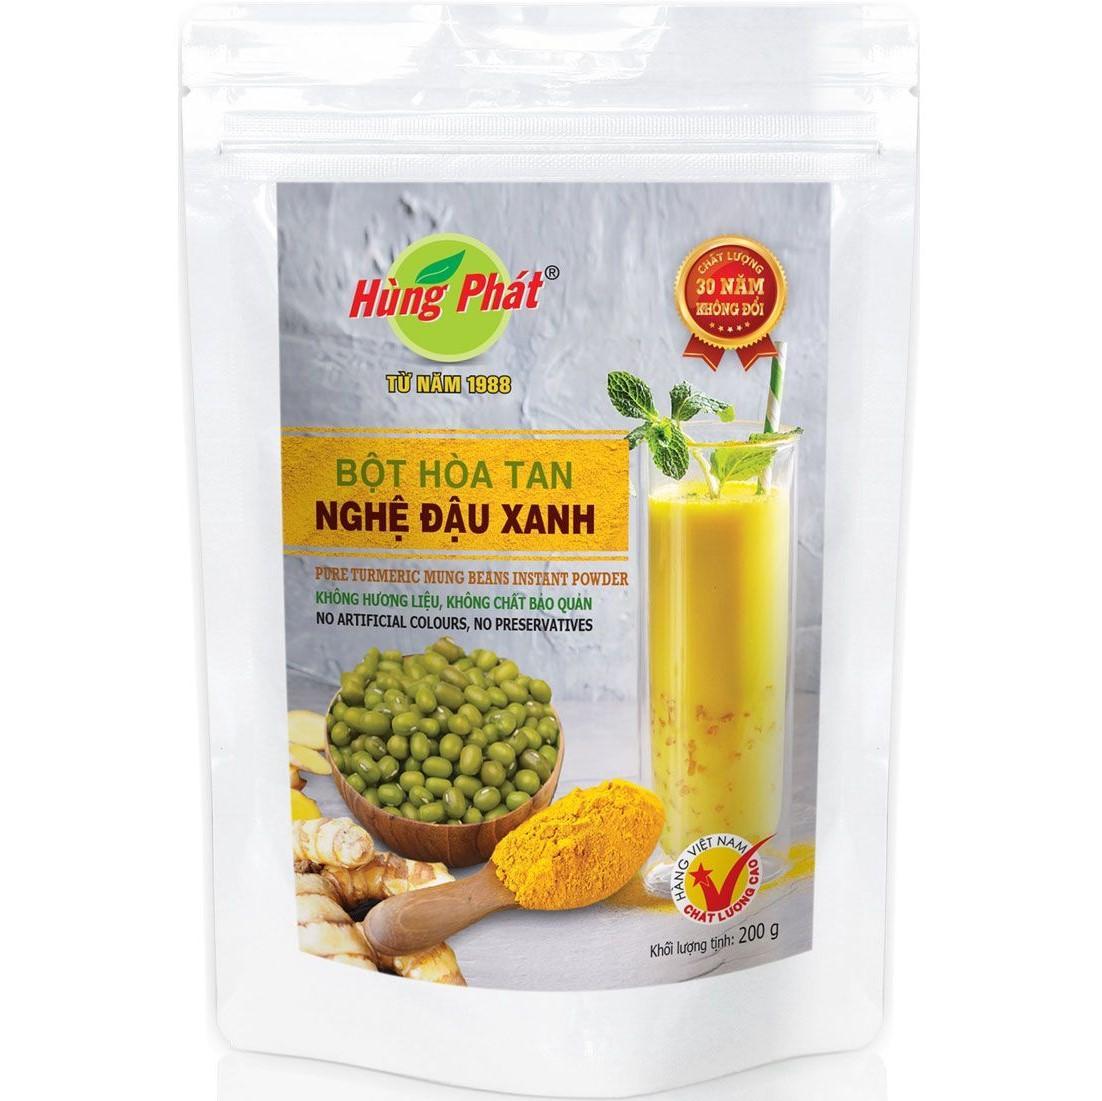 Bột Hòa Tan Nghệ Đậu Xanh Hùng Phát túi 200 g